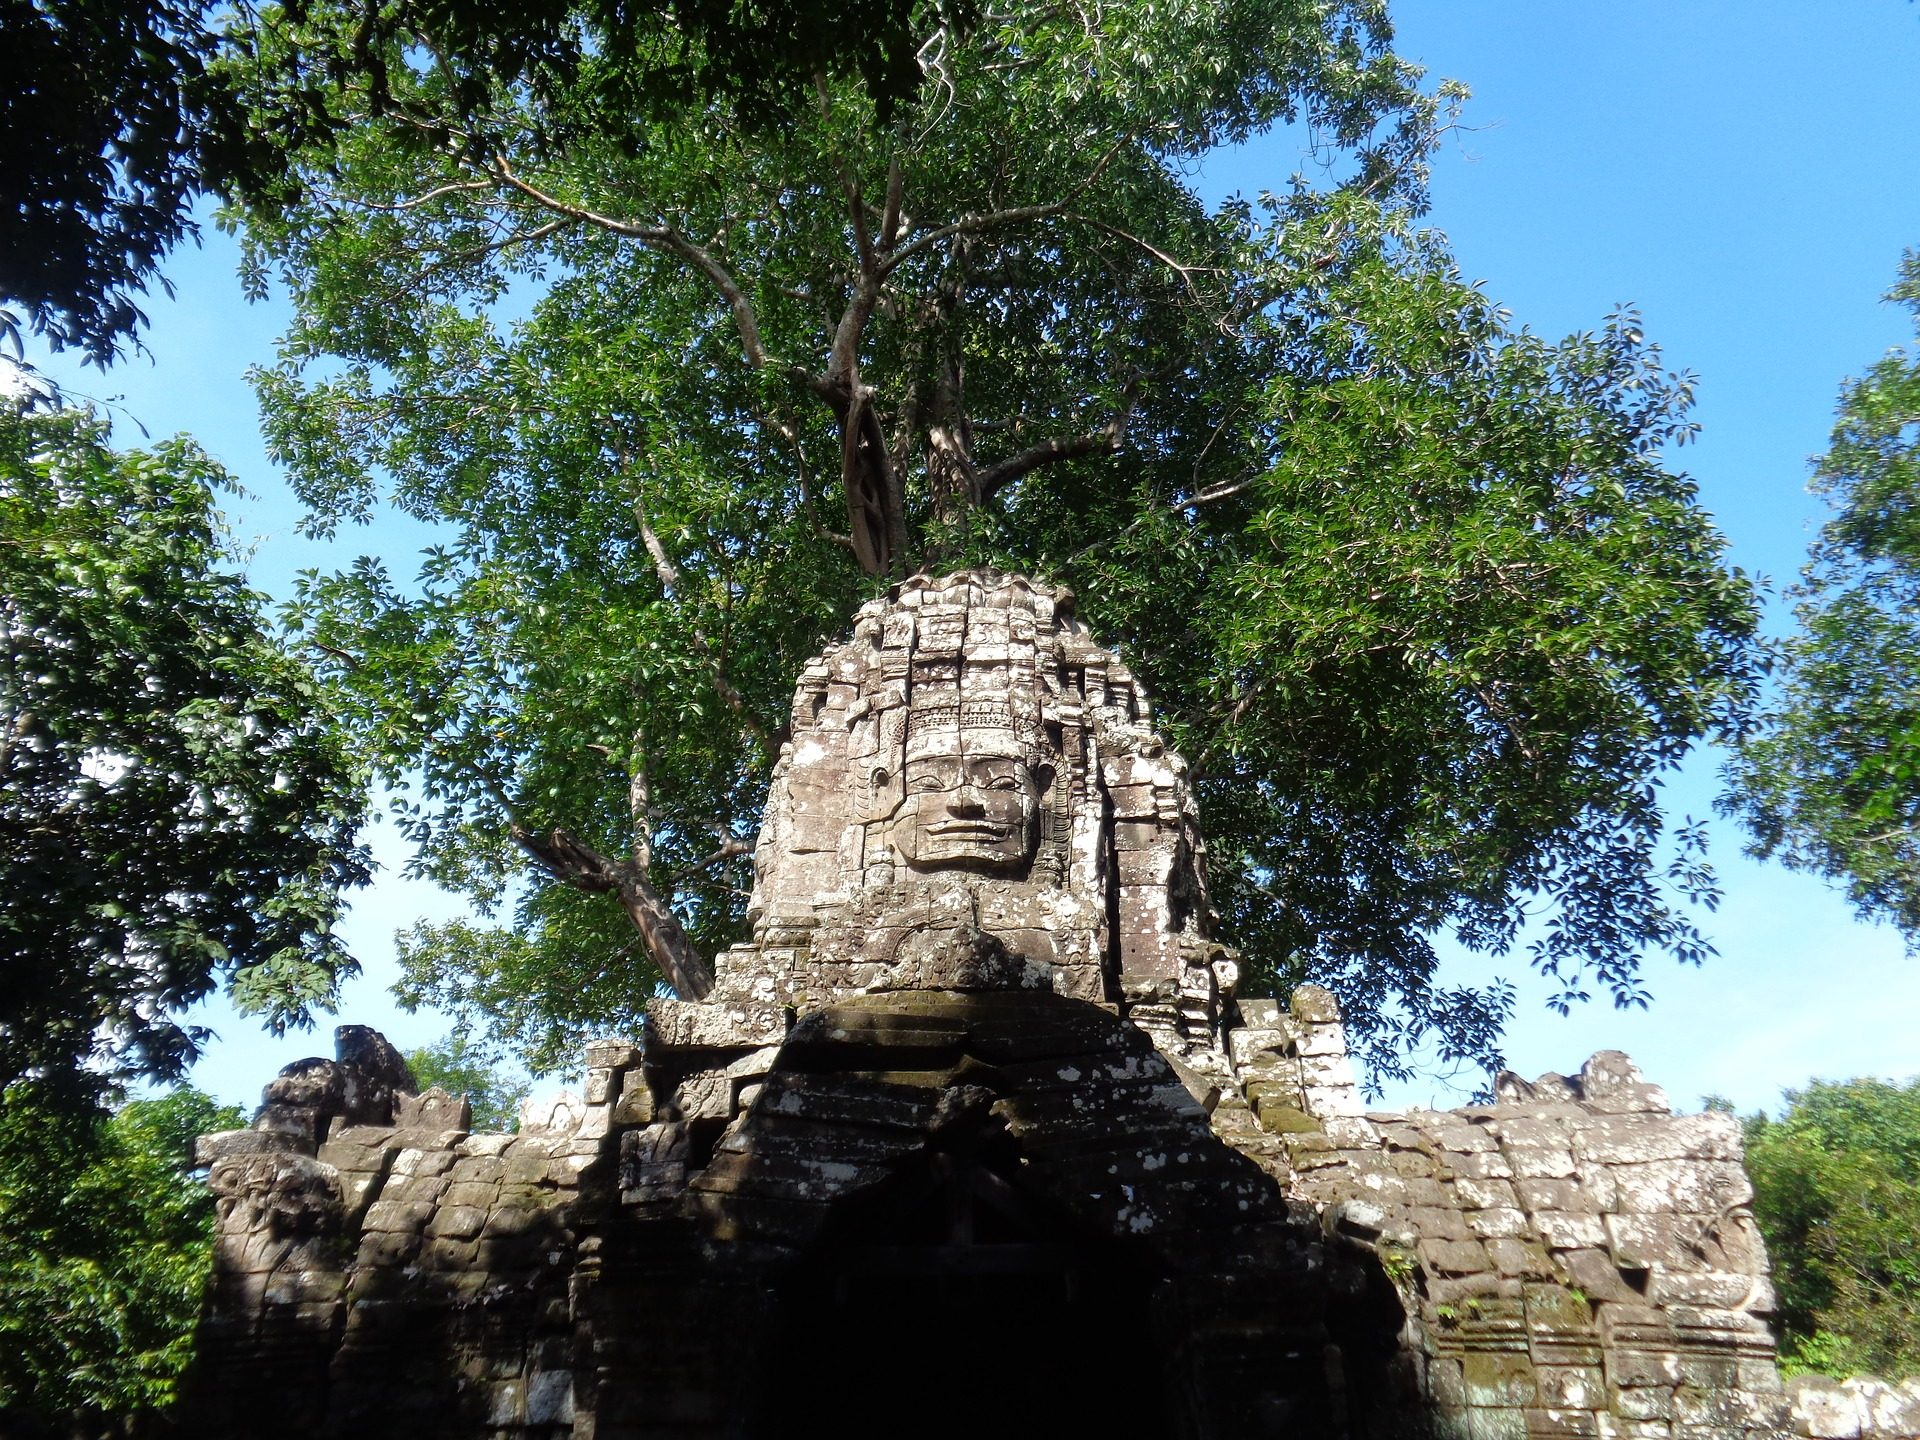 图腾, 石头, 纪念碑, 废墟, 寺, 柬埔寨 - 高清壁纸 - 教授-falken.com